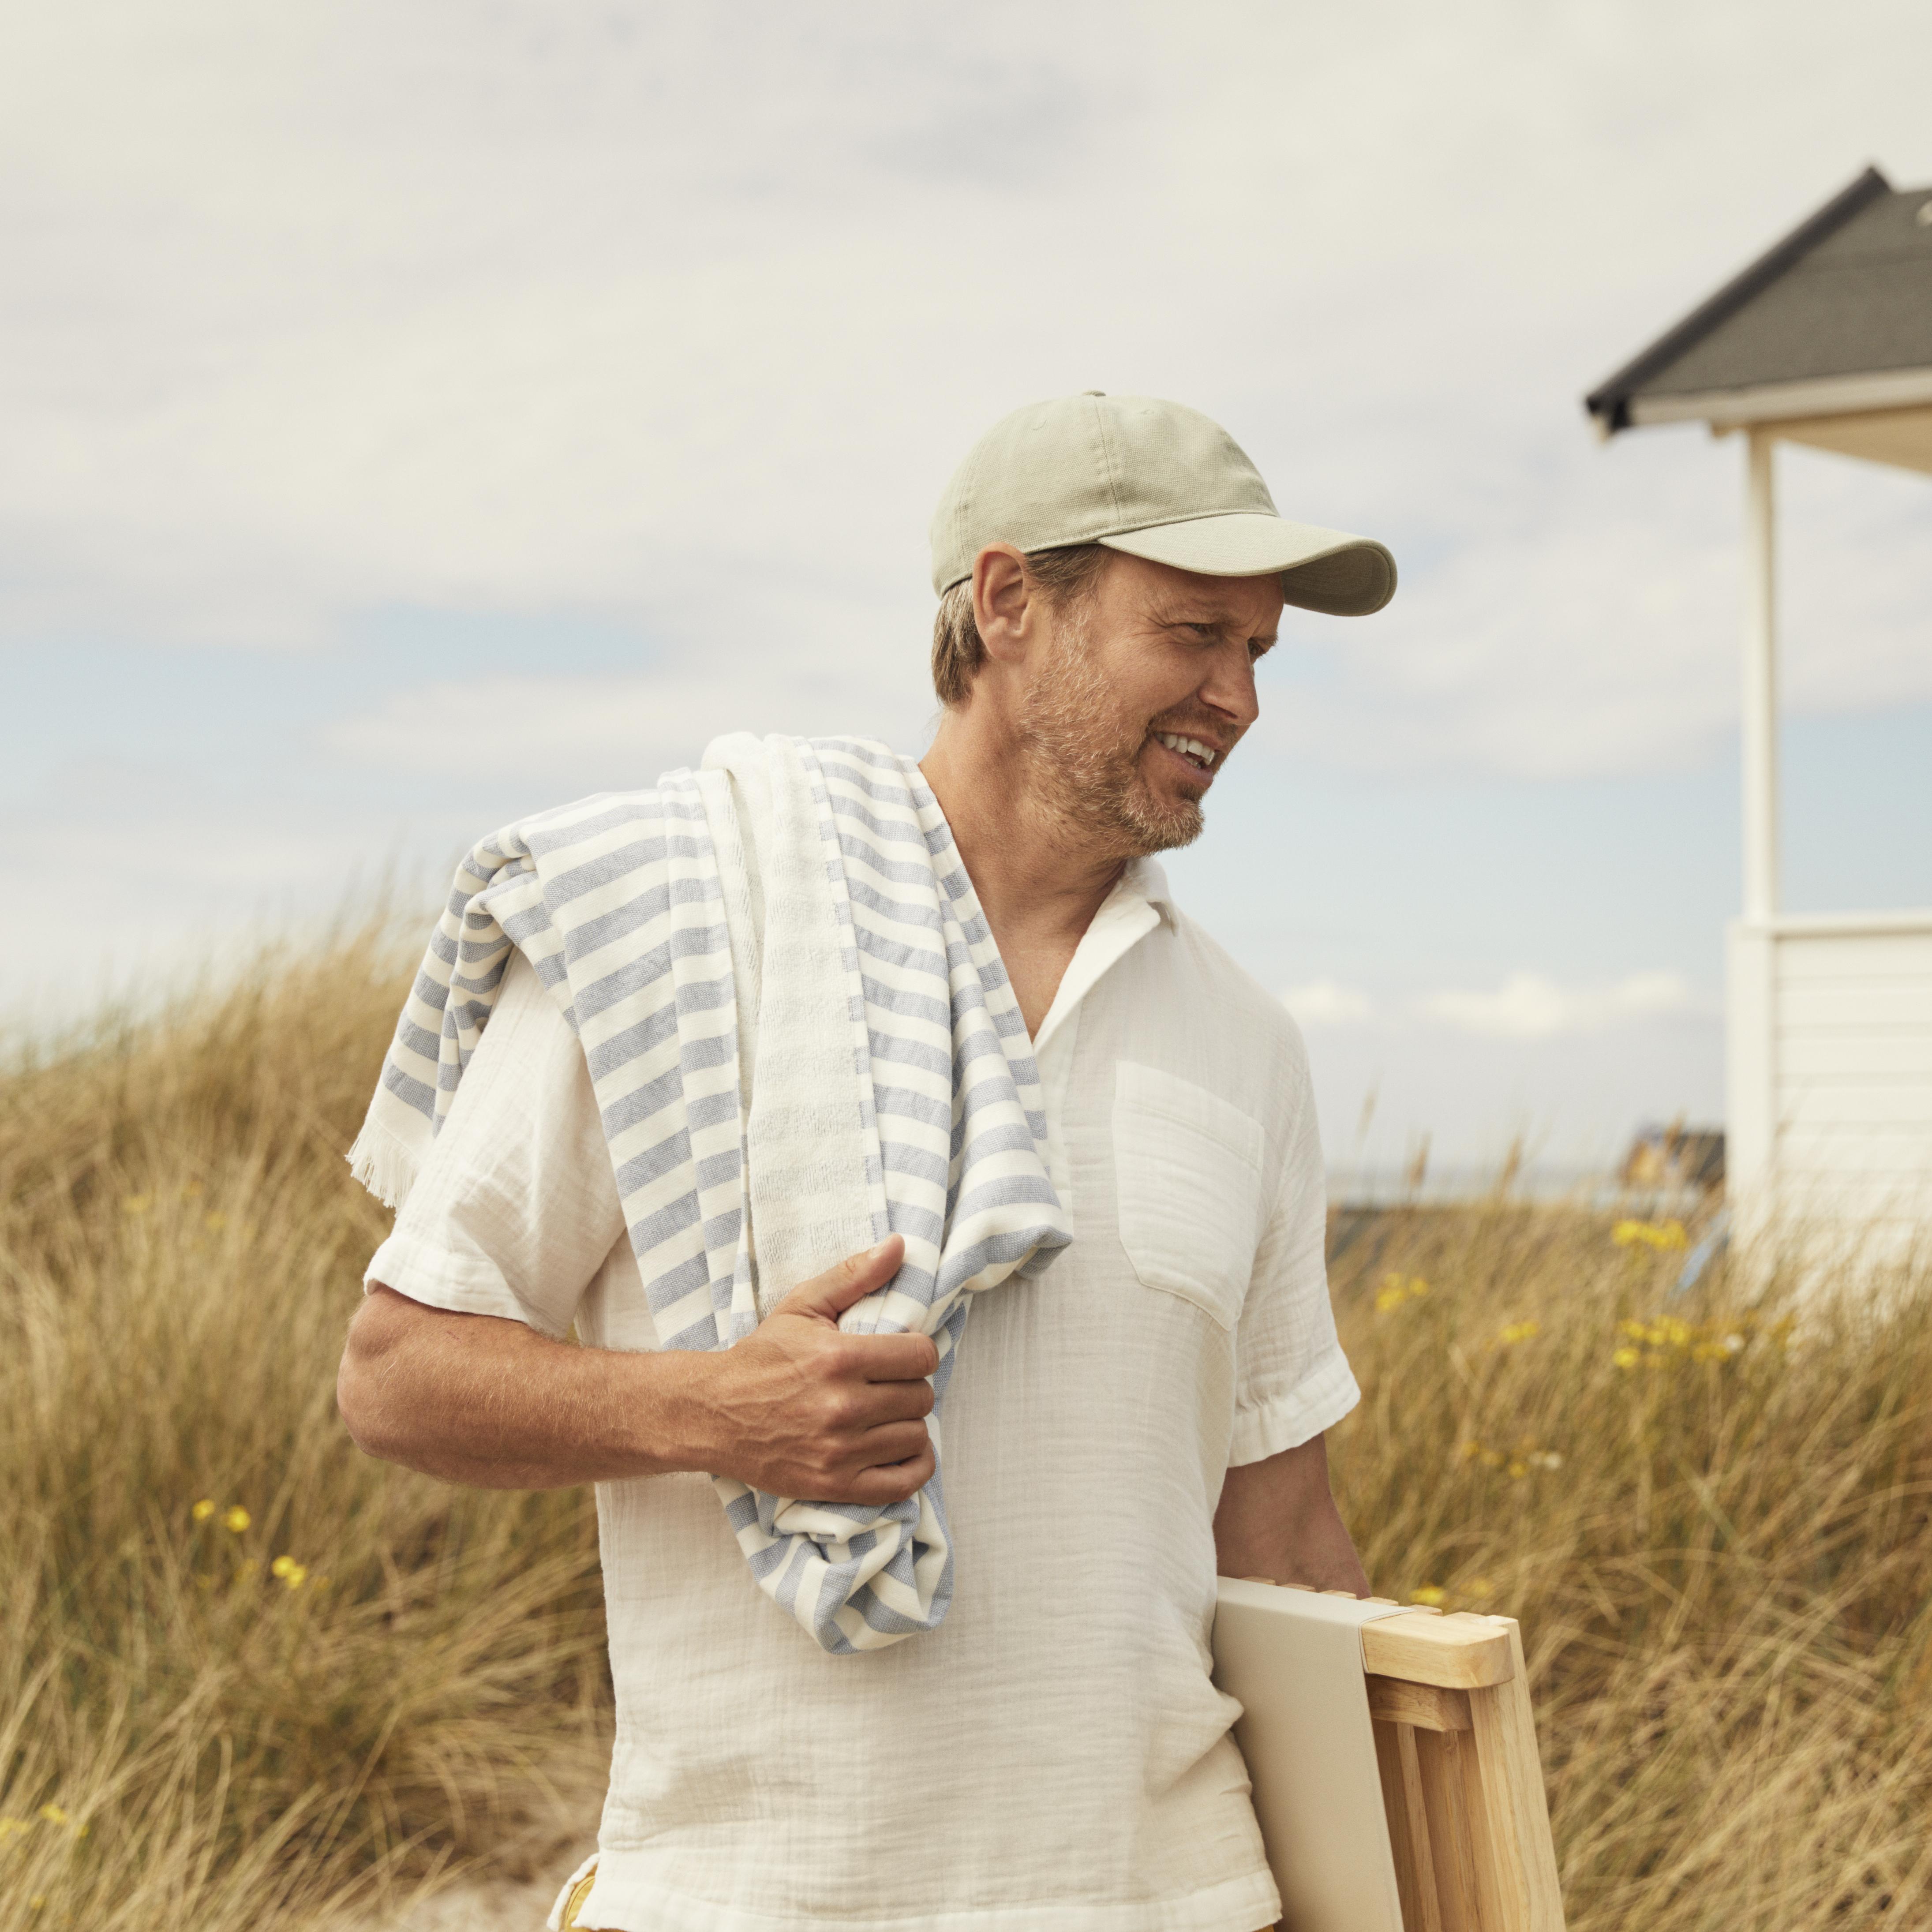 Man på strand i keps. Foto.